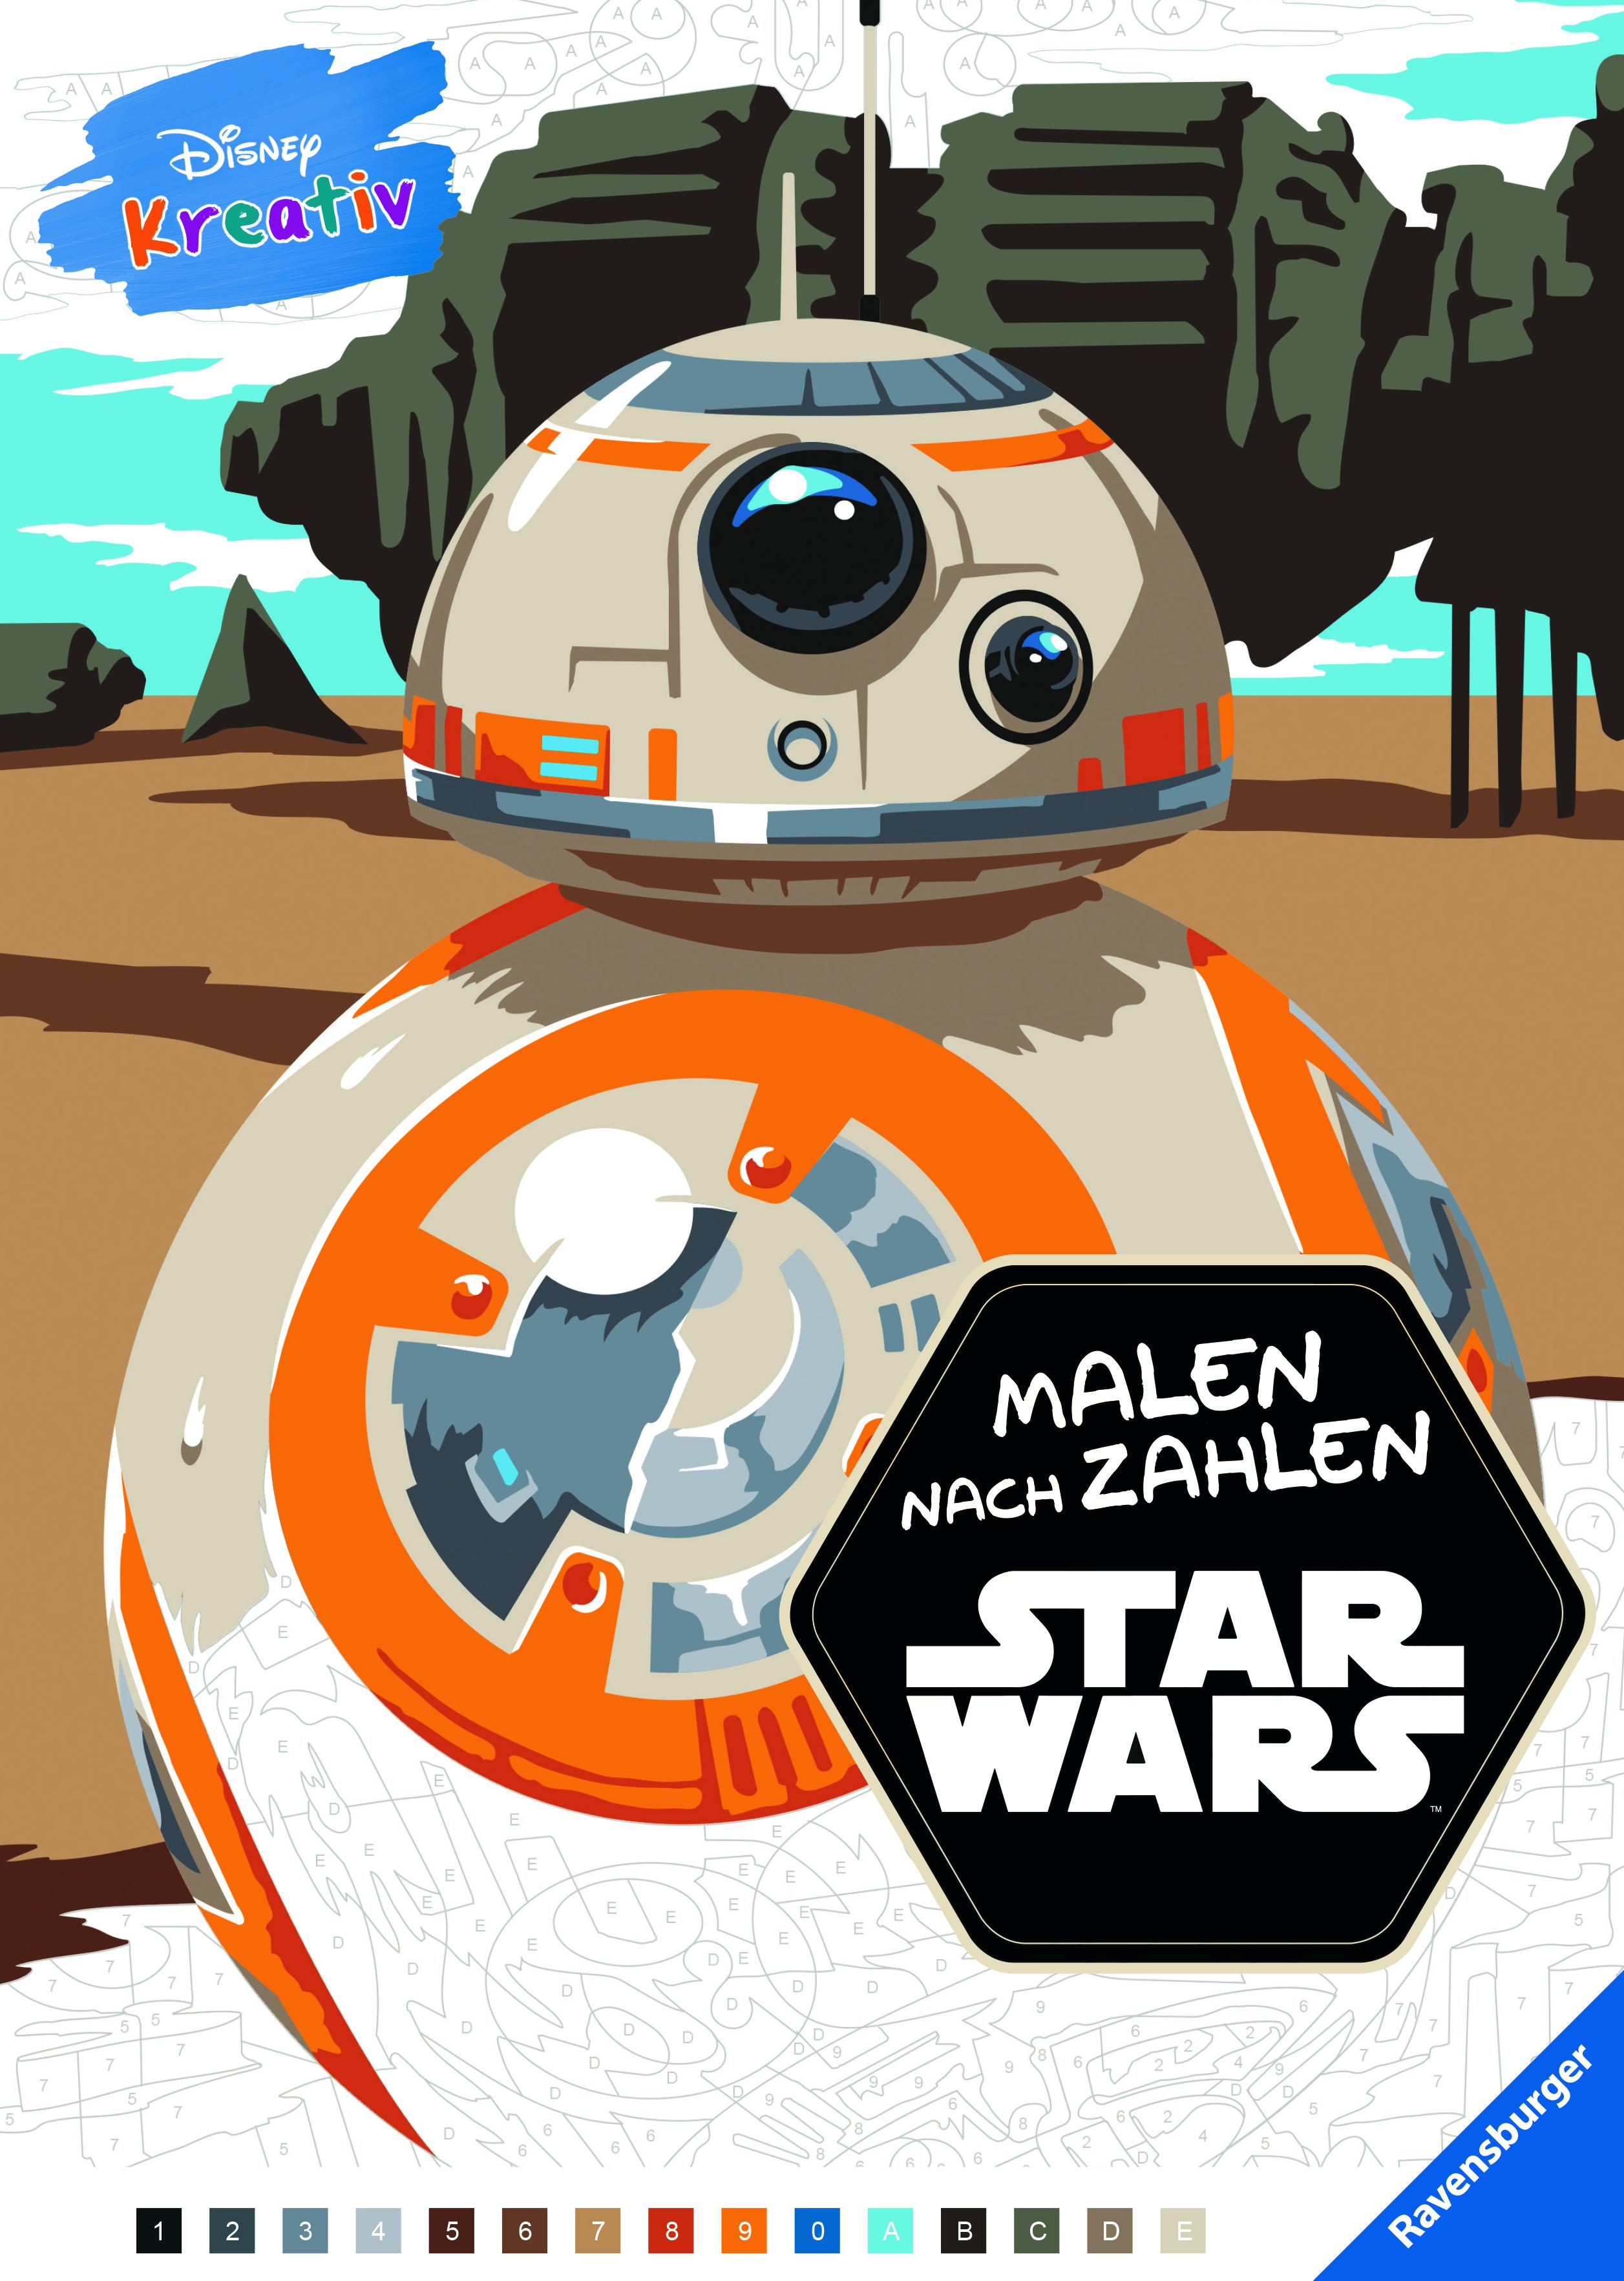 Disney kreativ: Star Wars™ Malen nach Zahlen | Malbücher und ...